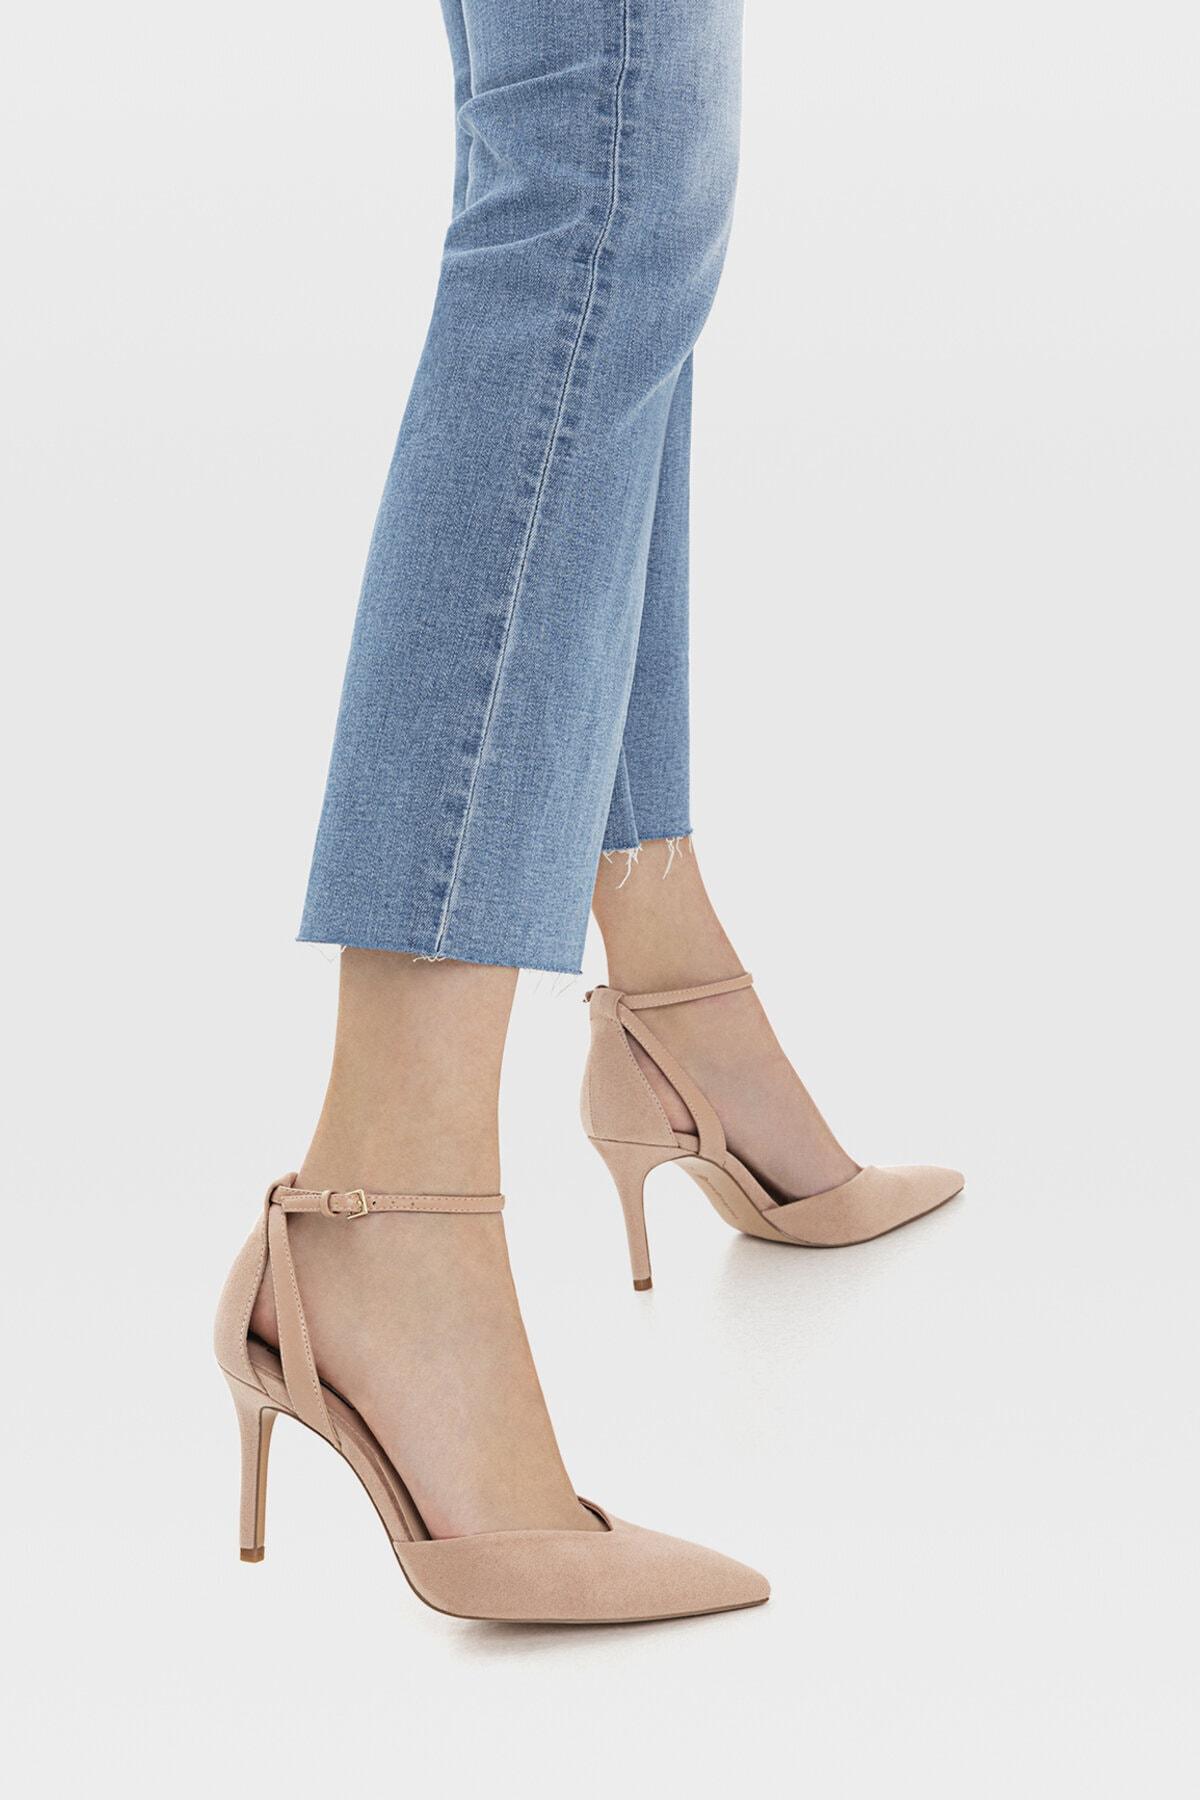 Stradivarius Kadın Pudra Bilekten Bantlı Yüksek Topuklu Ayakkabı 19153770 4